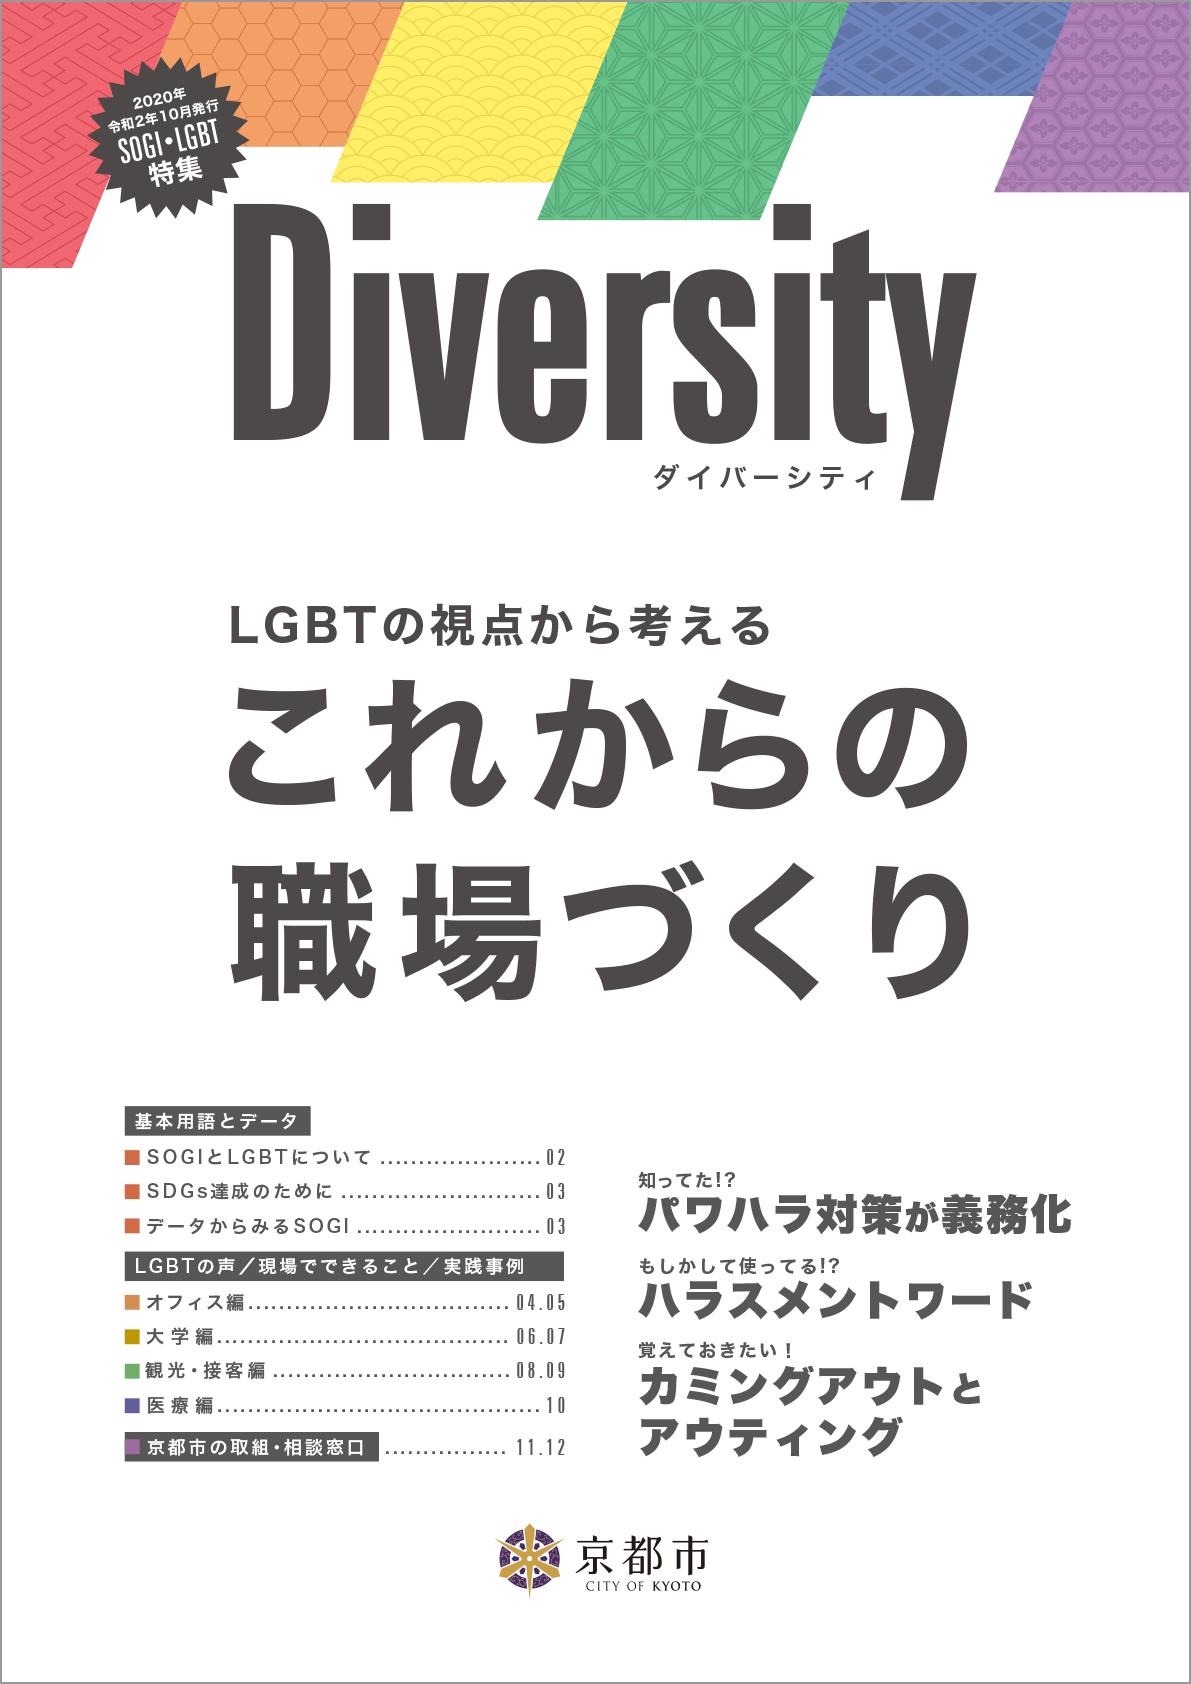 ダイバーシティ LGBTの視点から考える これからの職場づくり